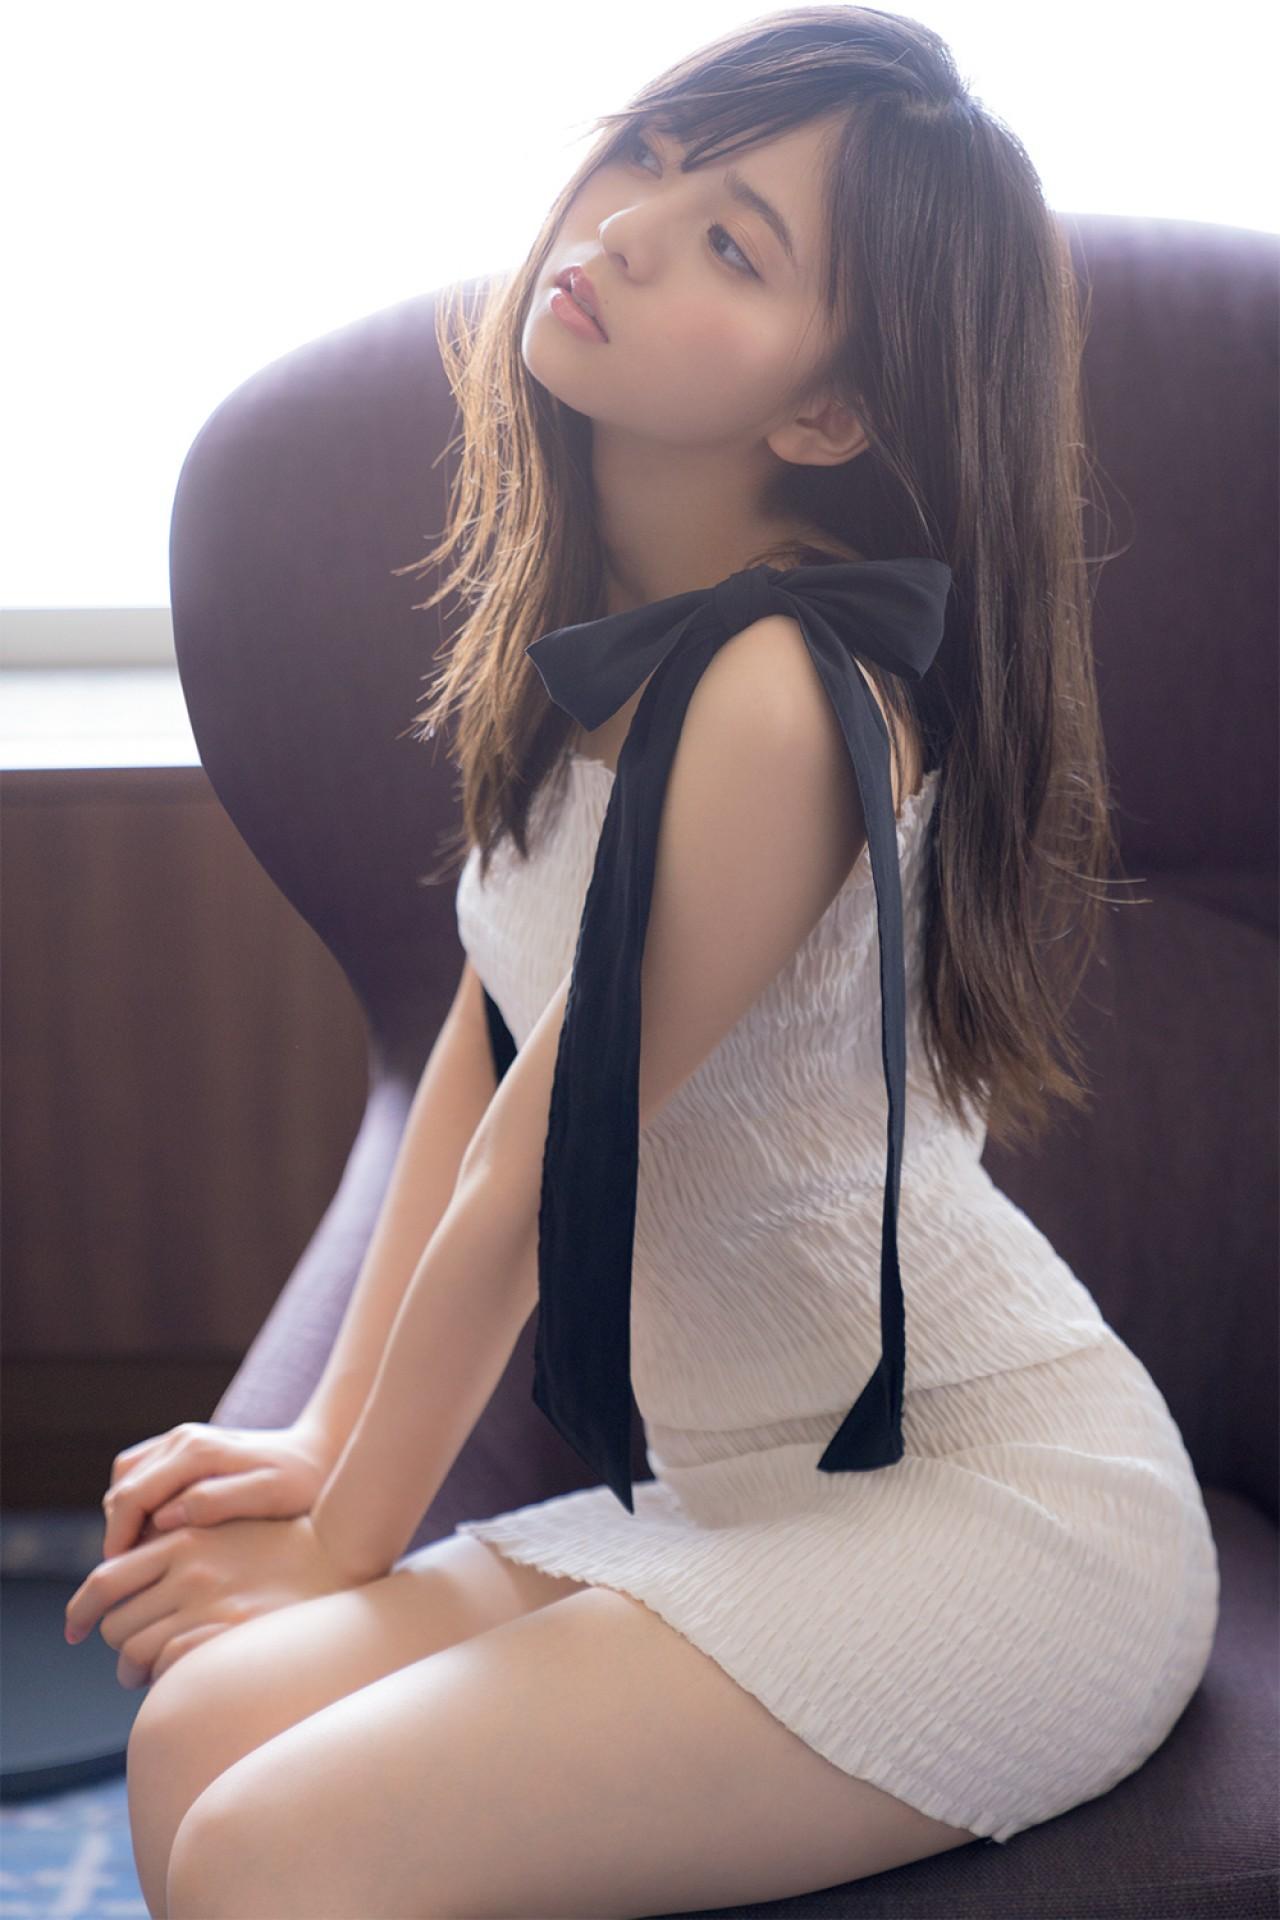 斋藤飞鸟最新杂志写真,有点色气的小鸟!